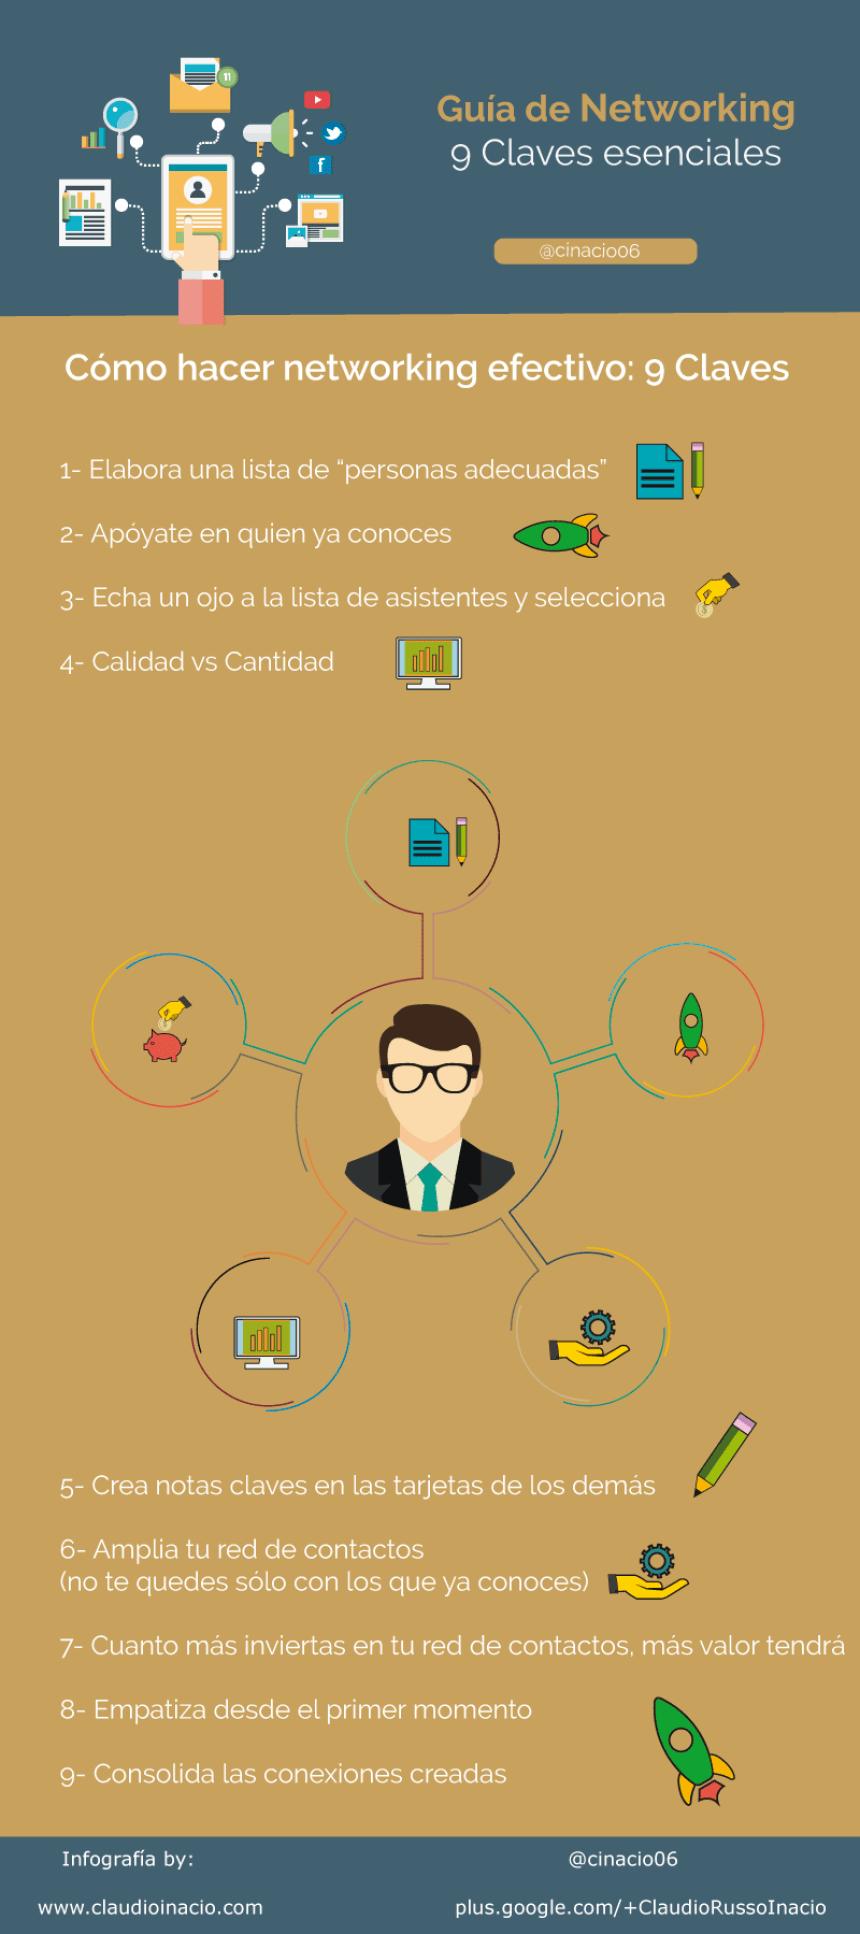 9 claves esenciales para el Networking